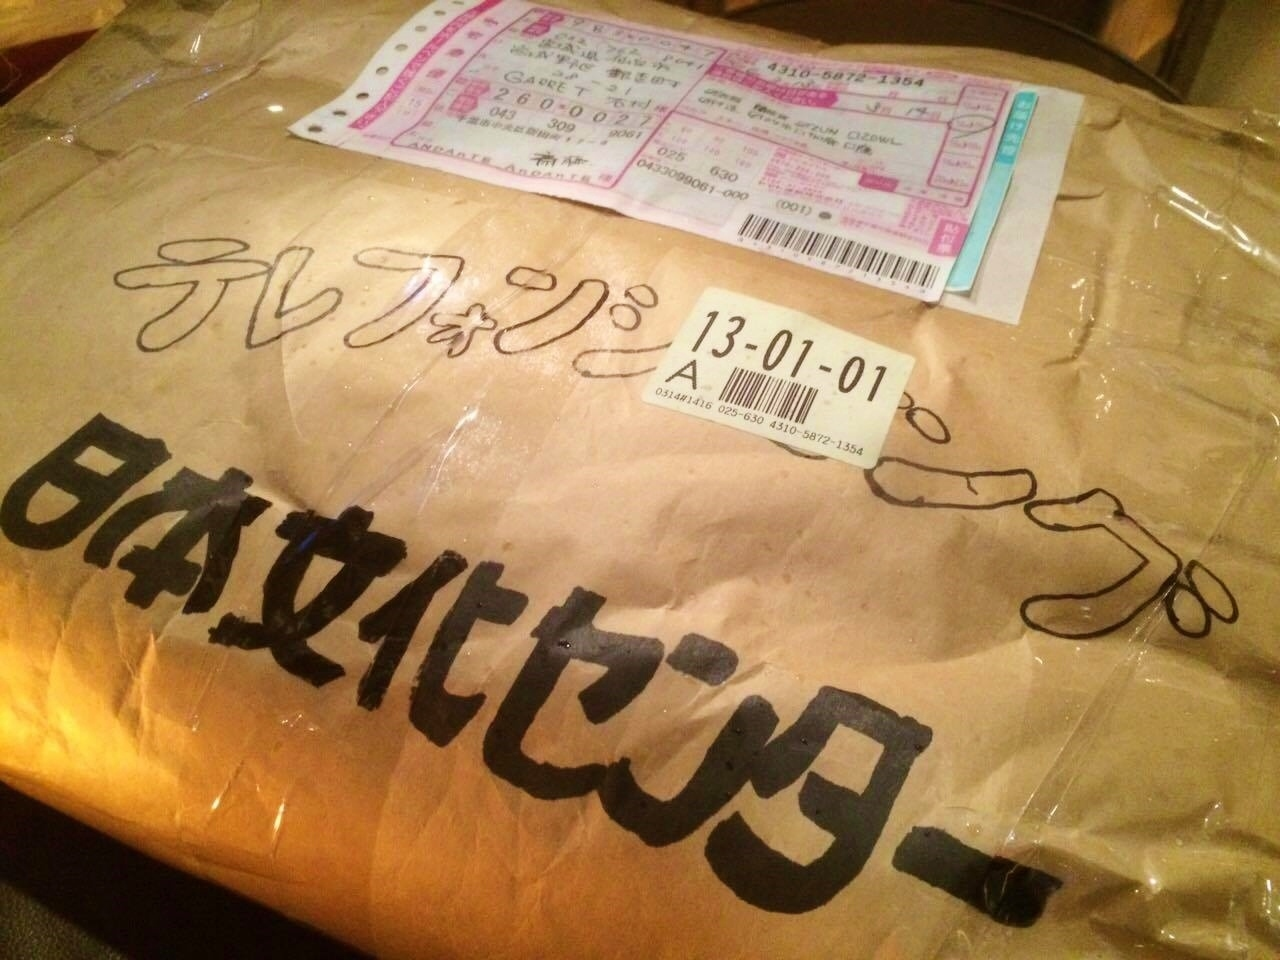 ウケる!!w またまた日本文化センターテレフォンショッピング_f0180307_21370337.jpg